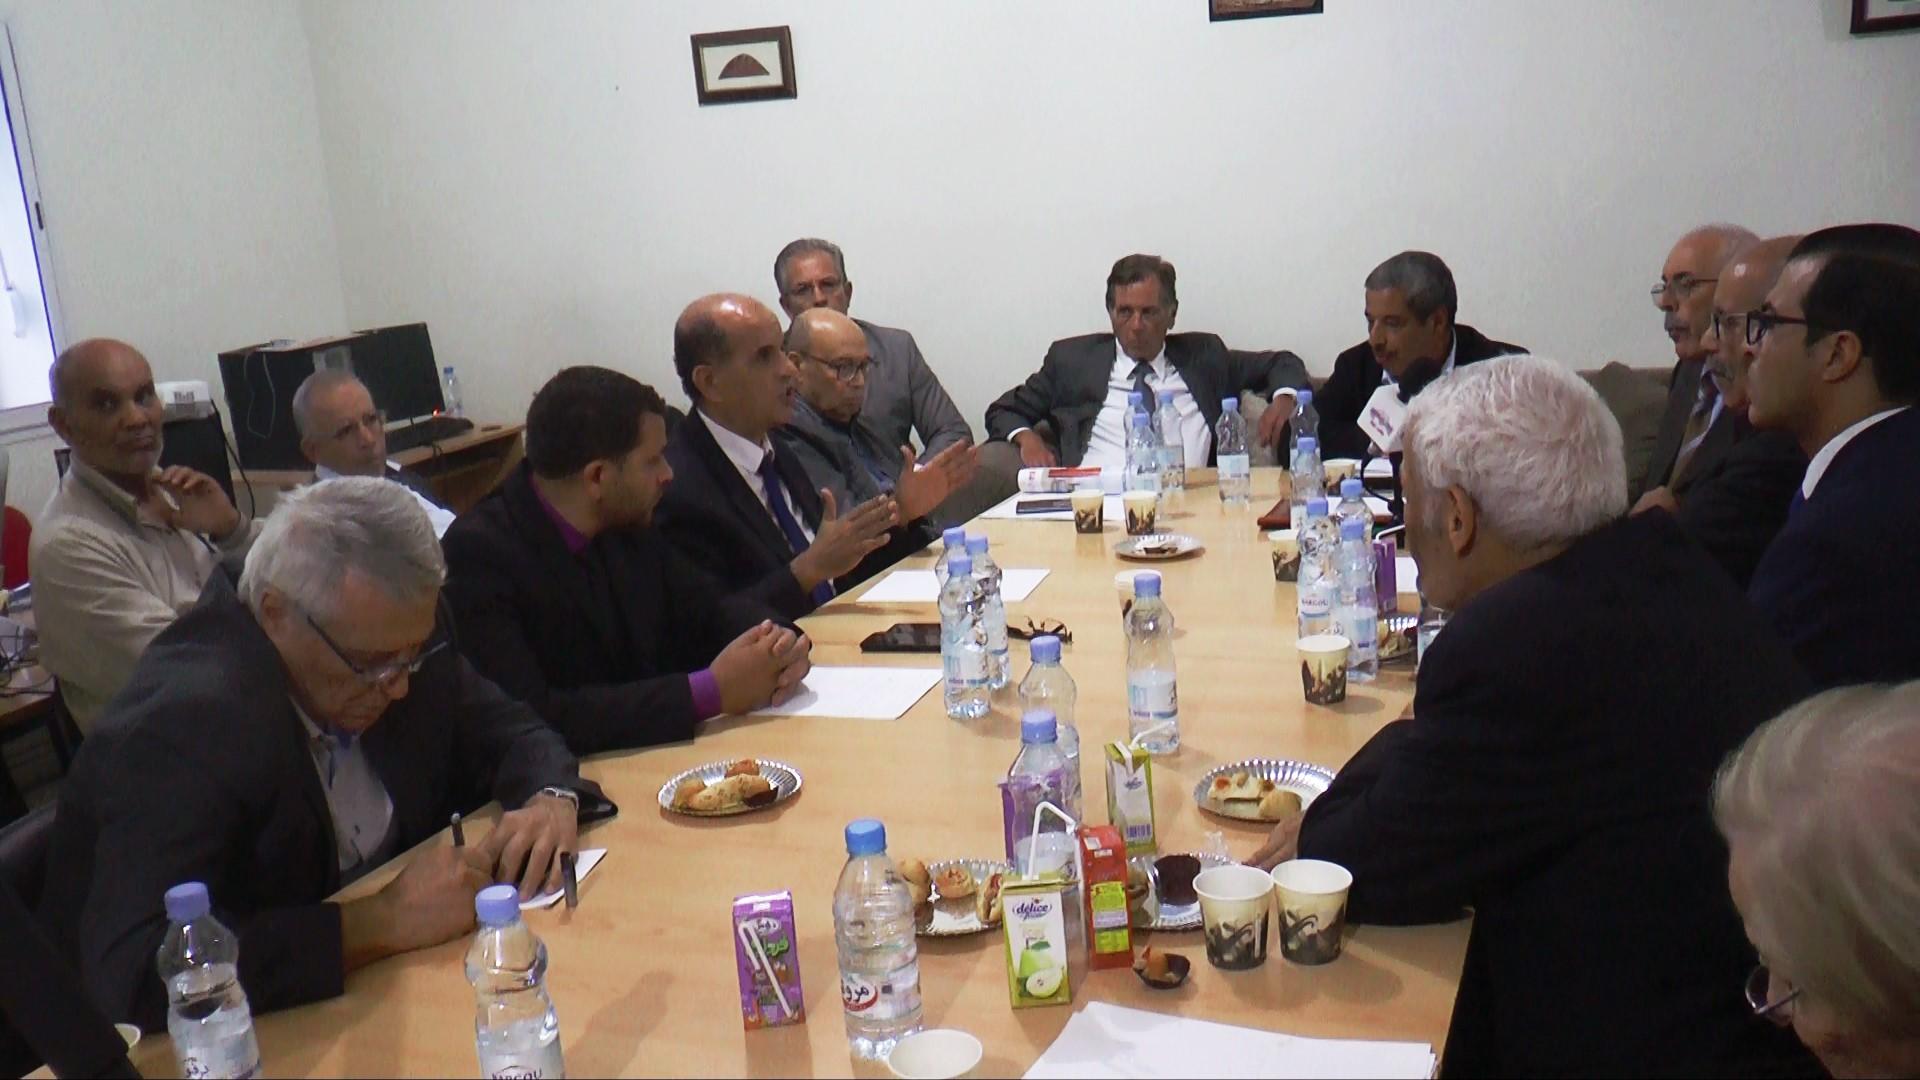 صور – ندوة تونسية فلسطينية بمناسبة مائوية وعد بلفور واتفاق سايكس بيكو